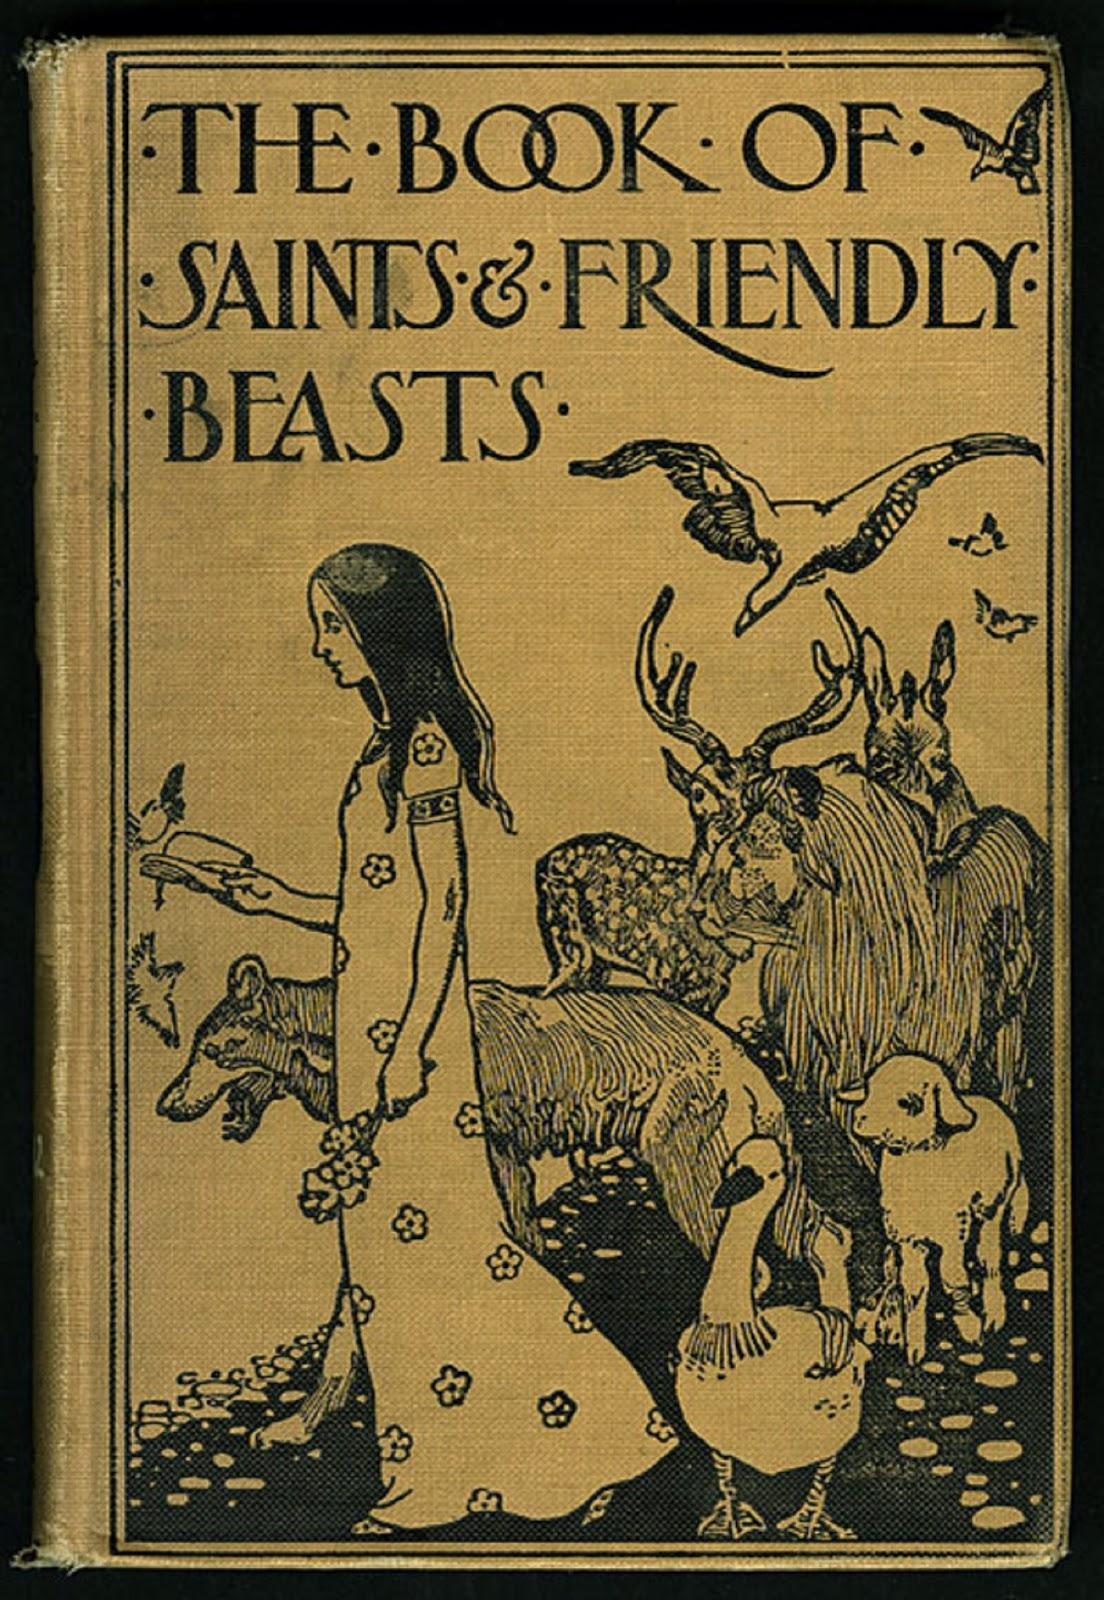 Saints & FriendlyBeasts